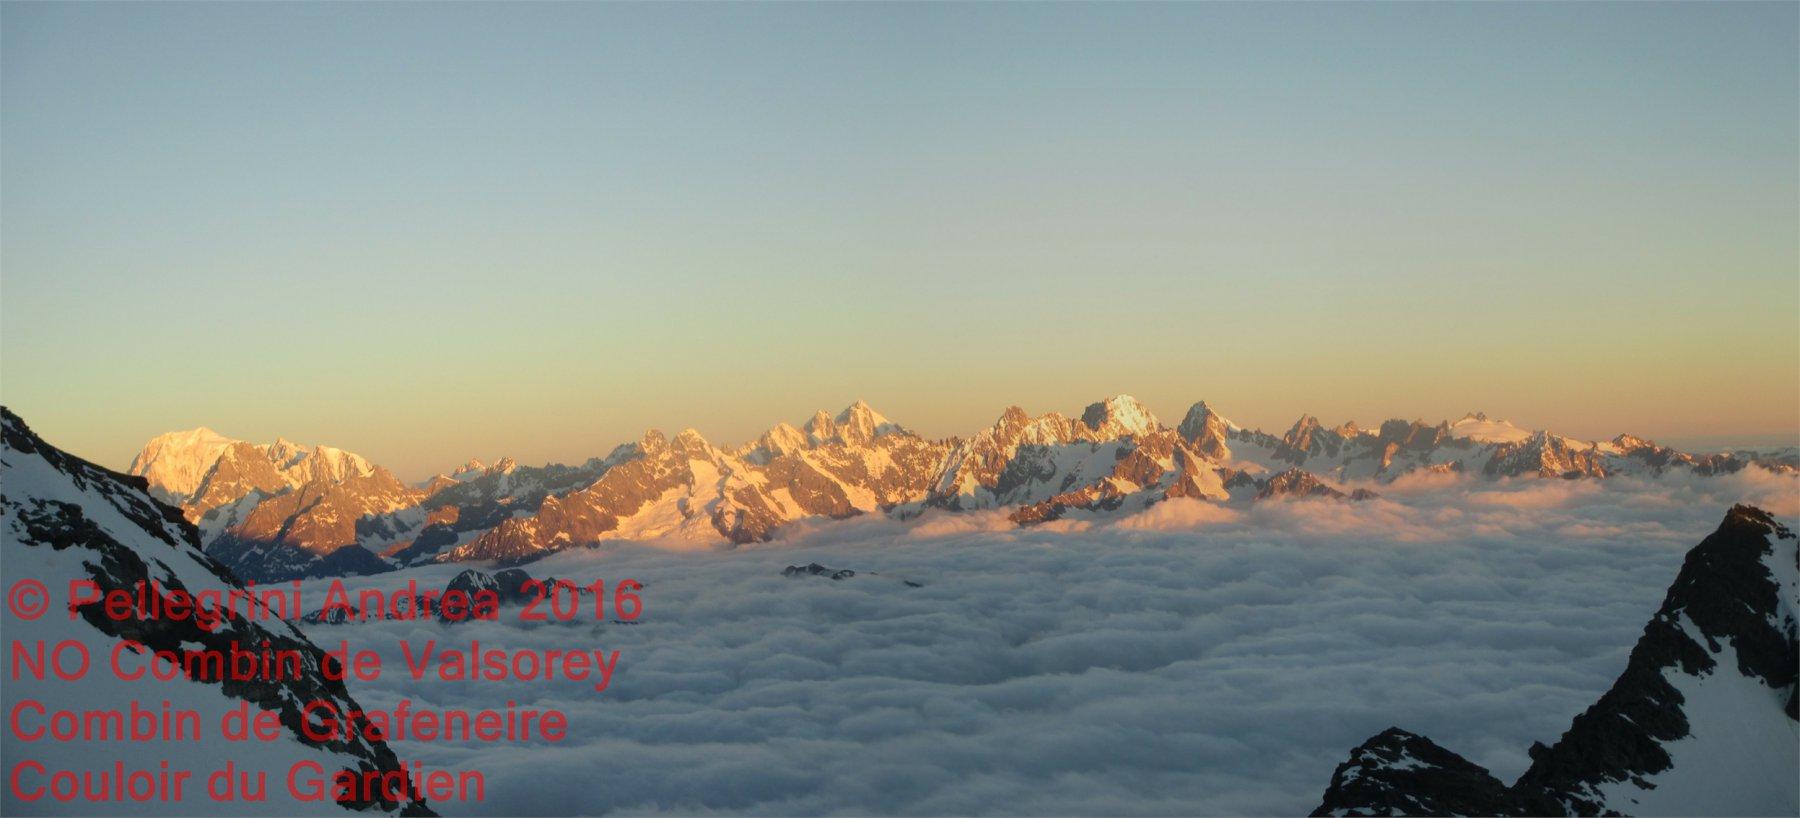 IMG_3101 Panorama zoom albeggia sul Massiccio del Monte Bianco dietro il Col des Maisones Blanches